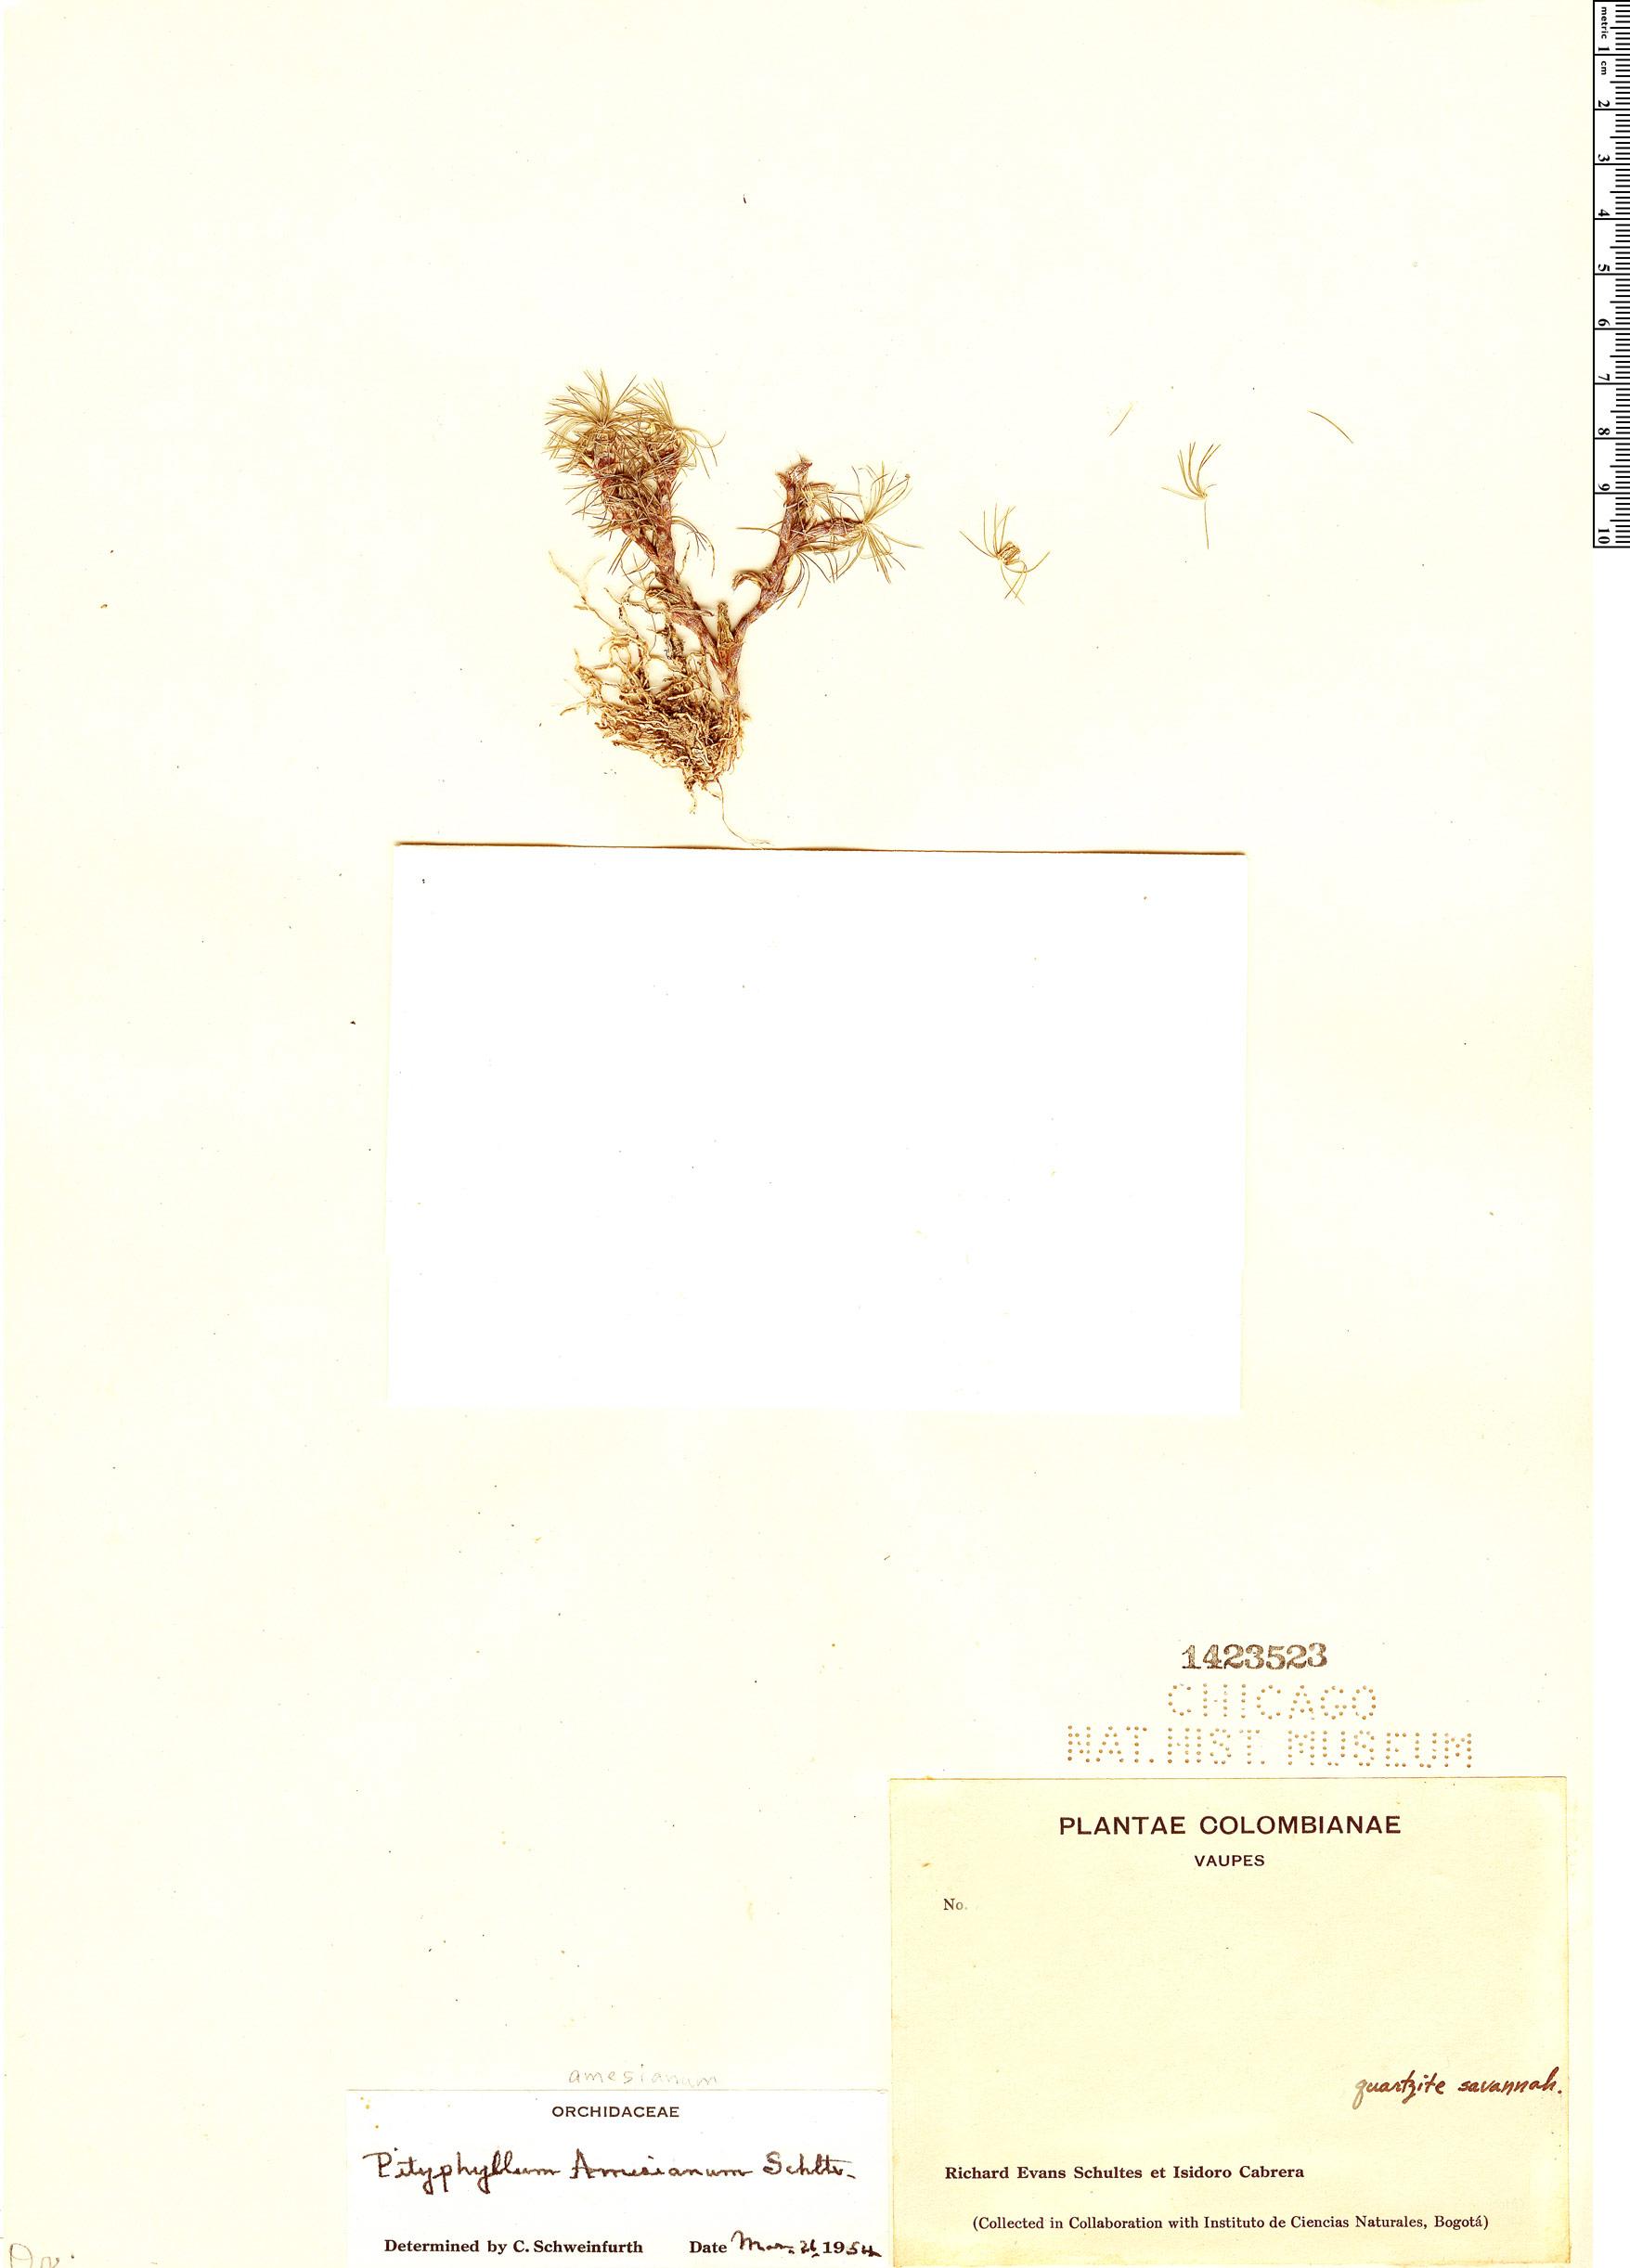 Specimen: Pityphyllum amesianum